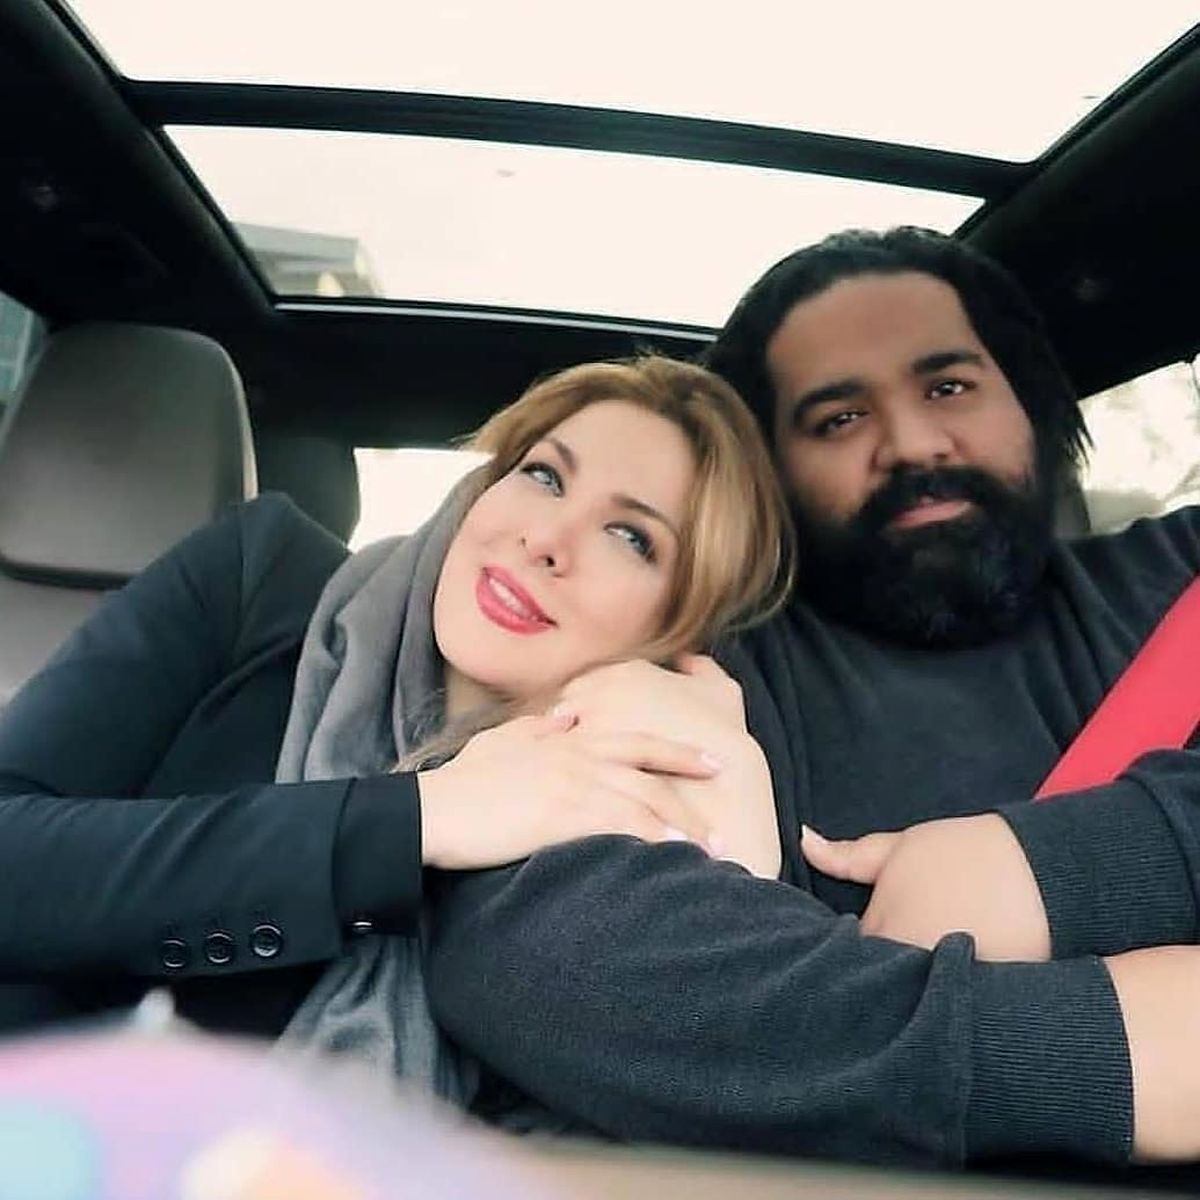 رضا صادقی و همسرش در آغوش هم در ماشین! +عکس